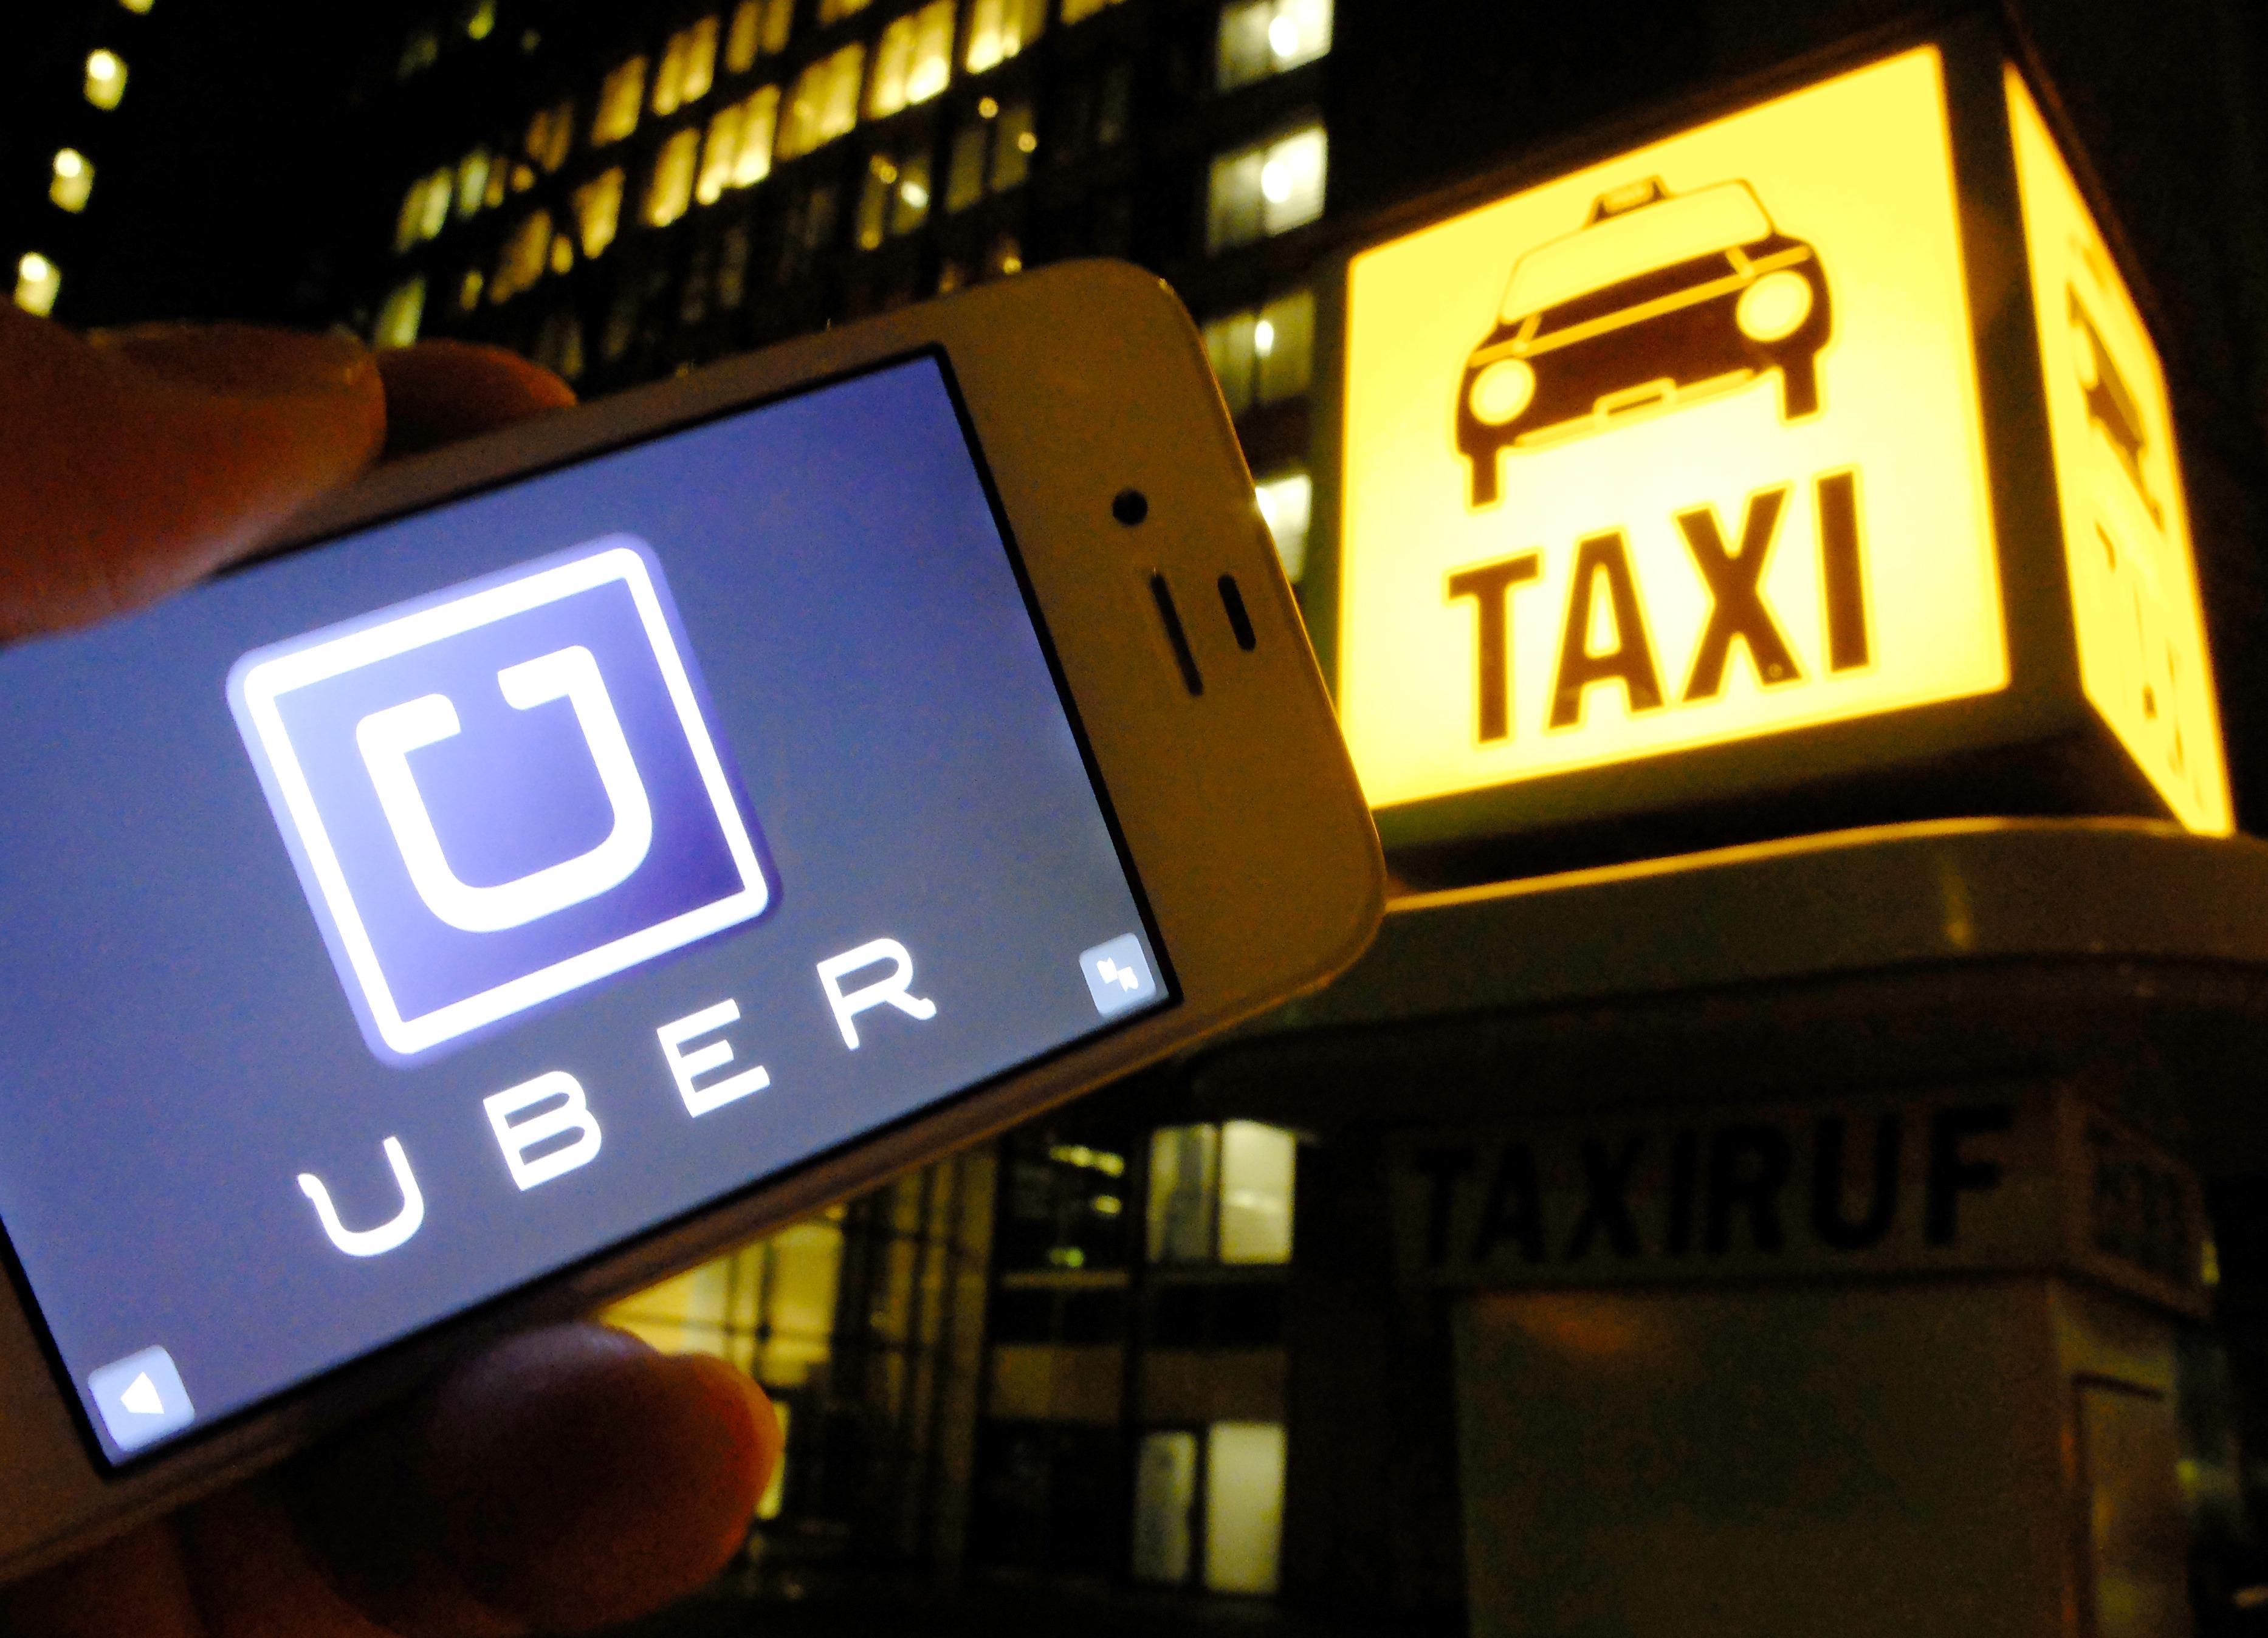 Kamuhányásokkal húznak ki tízezreket az utasokból a csaló Uber-sofőrök